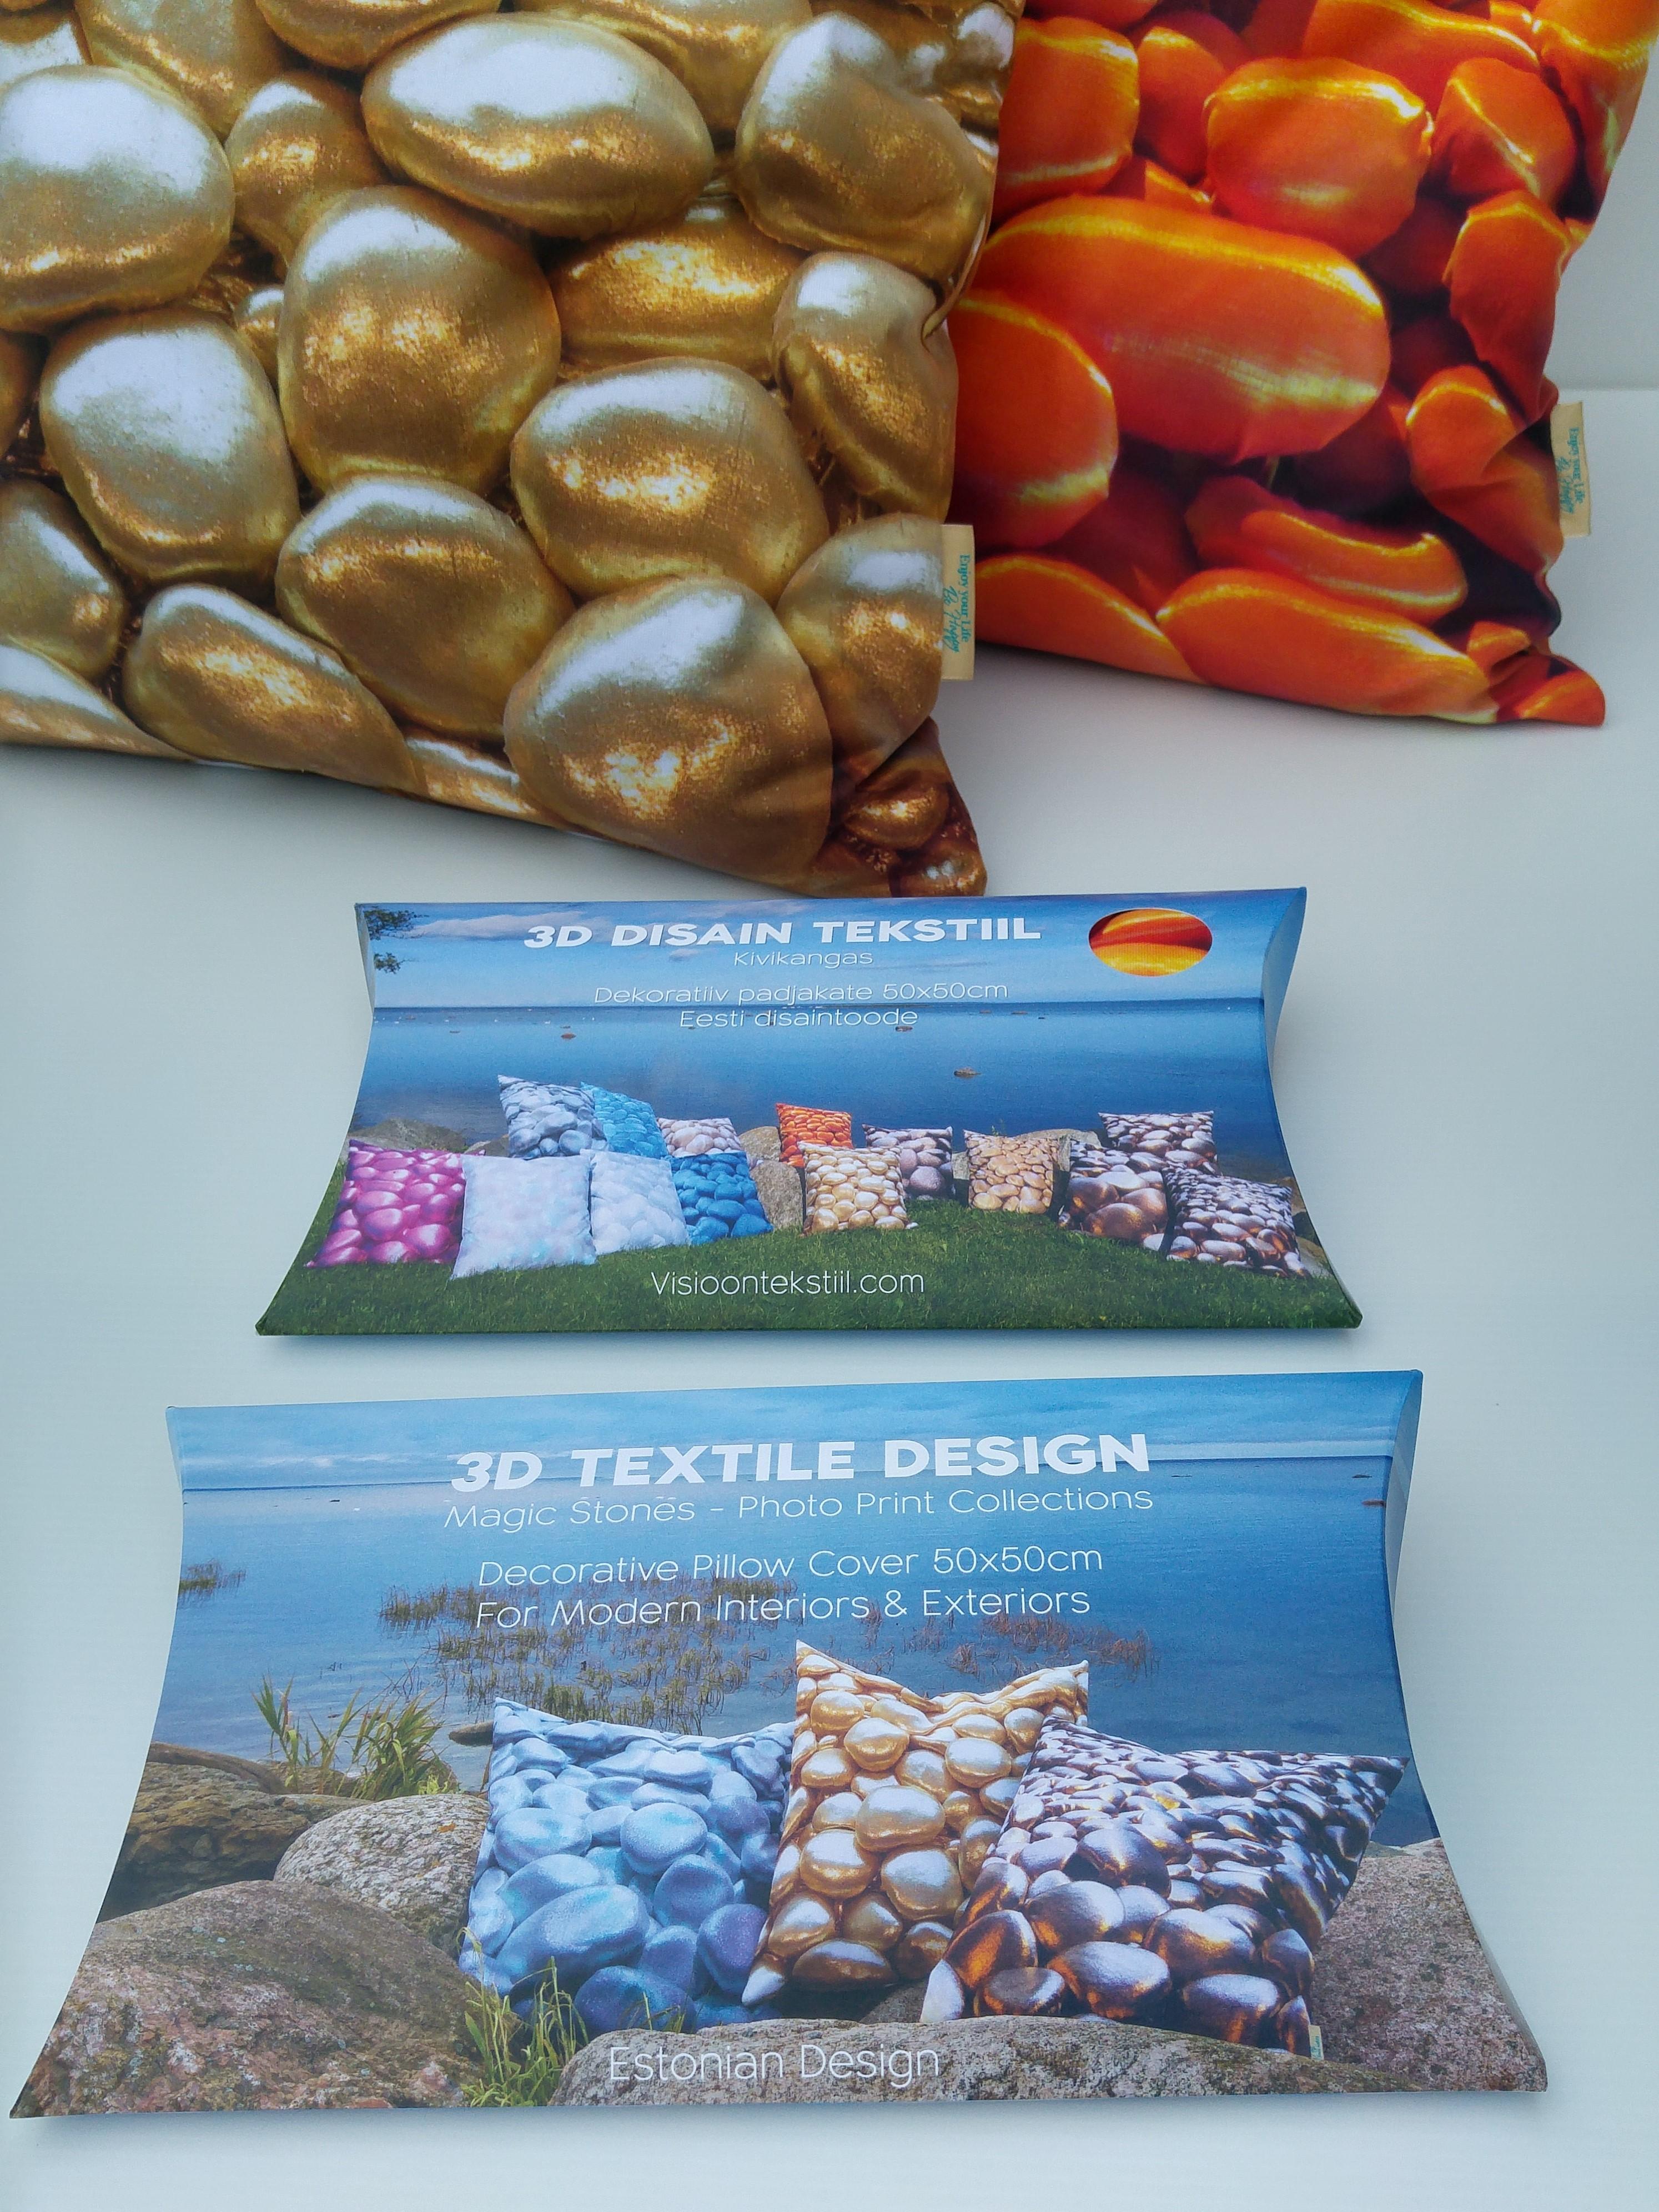 3D Design, Pillow Covers by Liivi Leppik